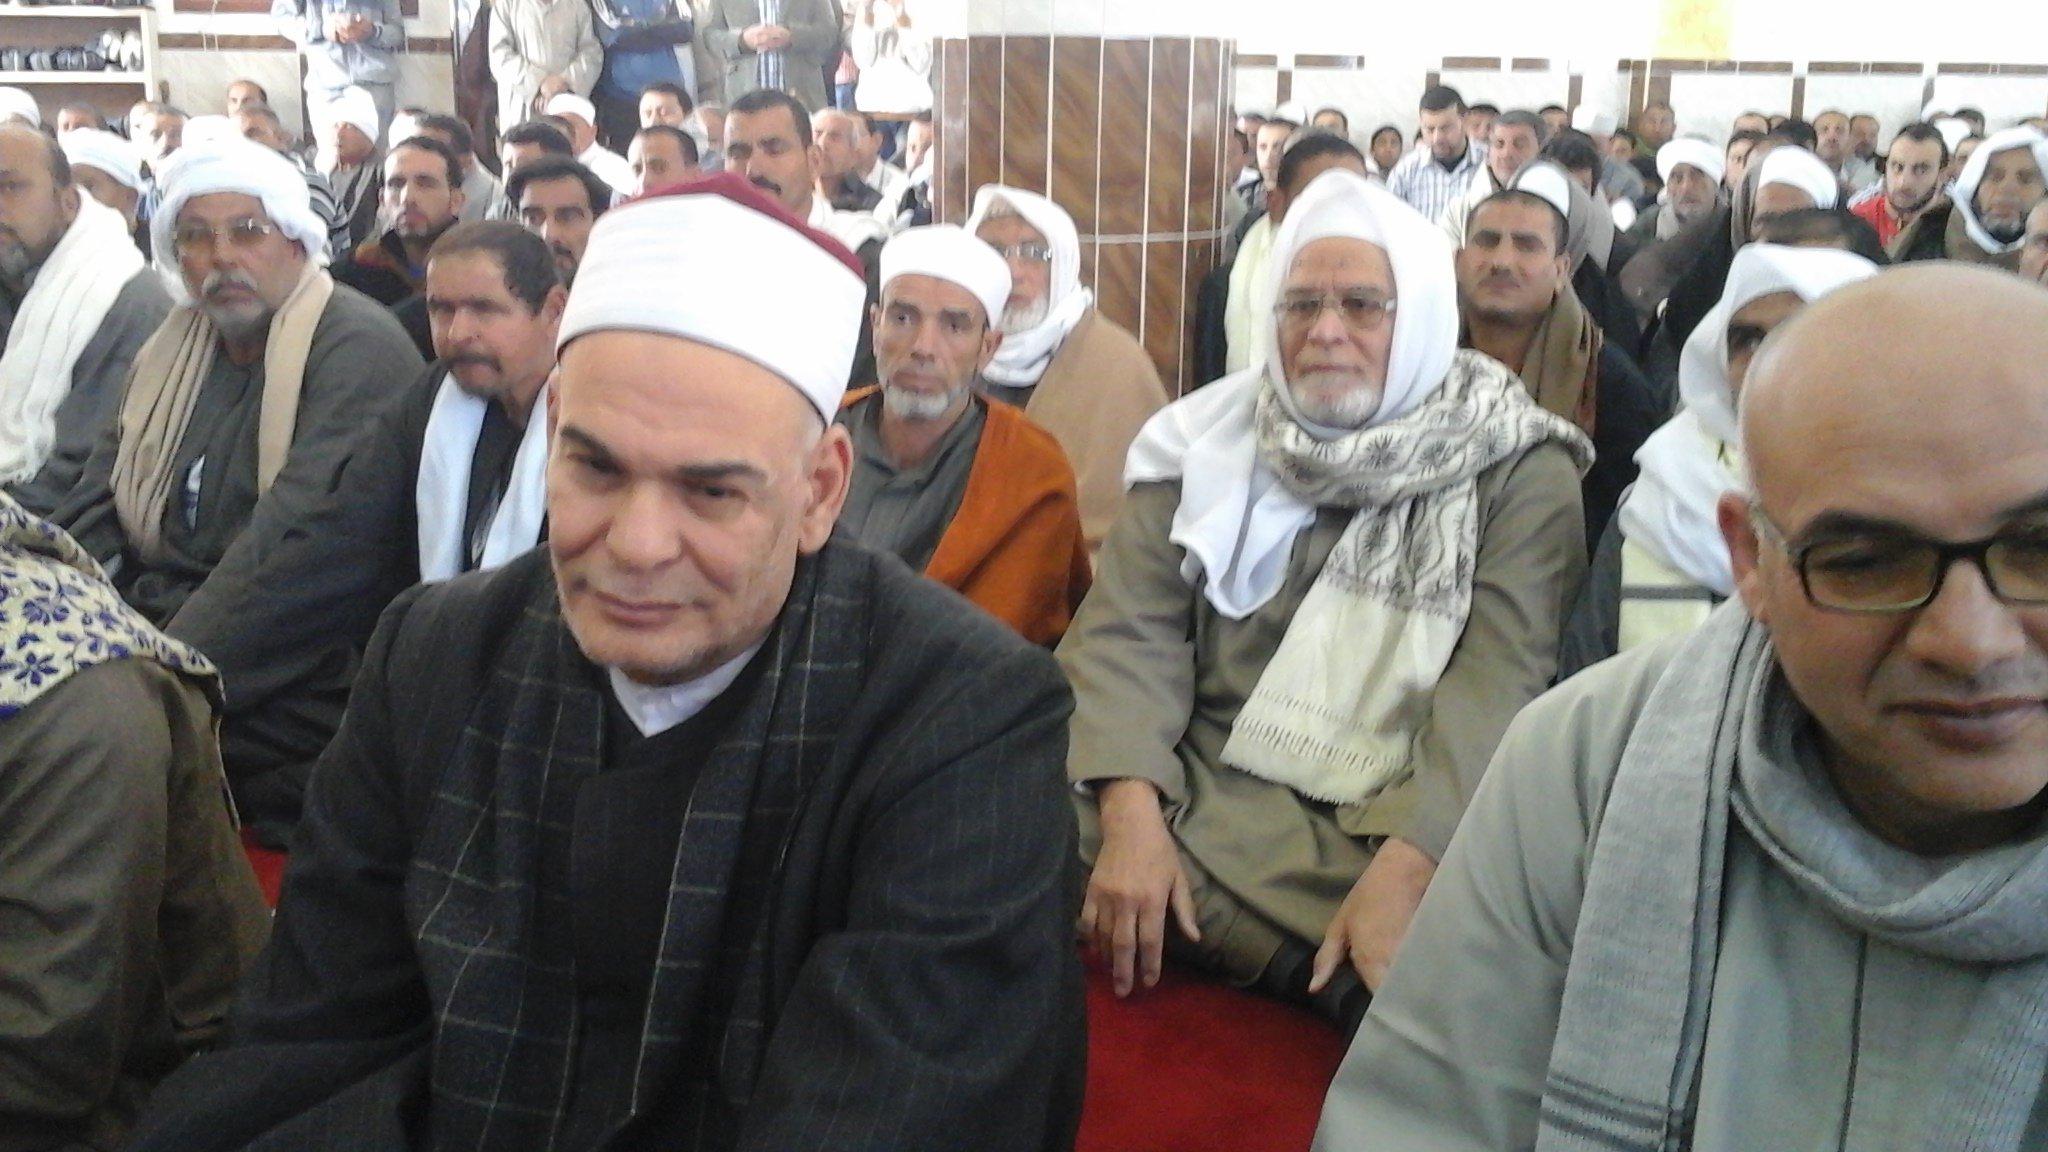 بالصور.. مستشار وزارة الأوقاف يفتتح مسجدا بأبو كبير